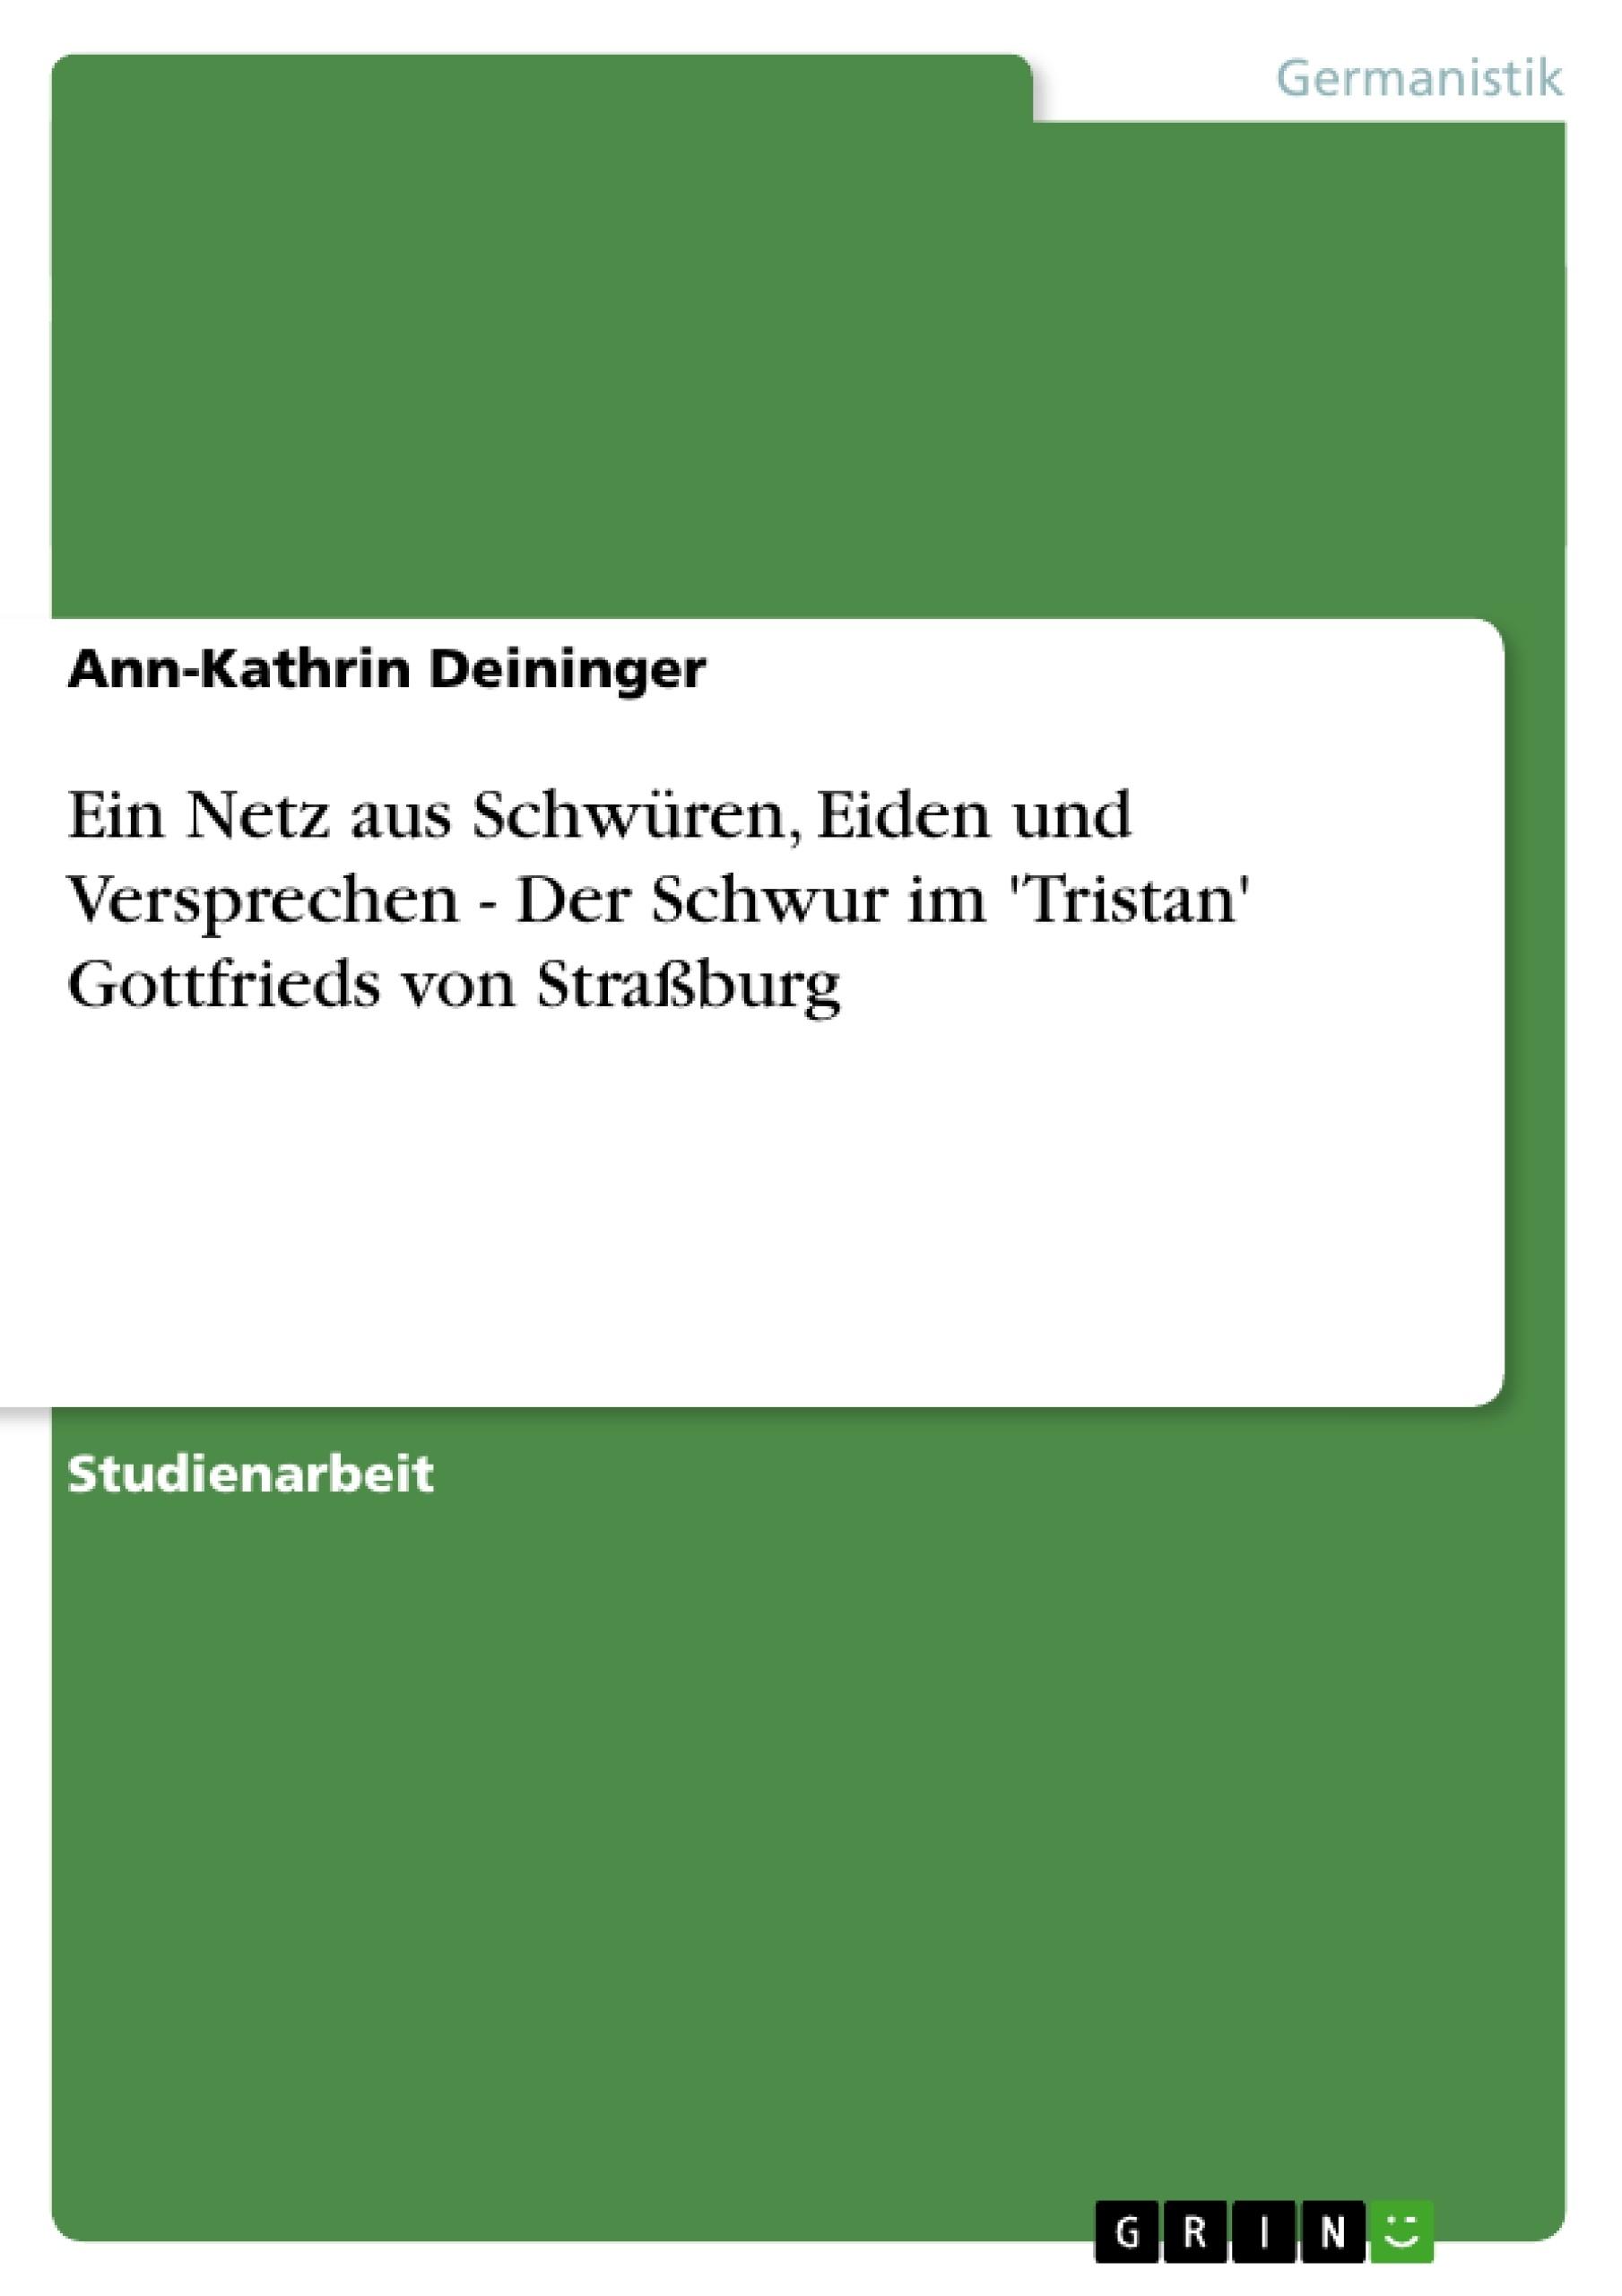 Titel: Ein Netz aus Schwüren, Eiden und Versprechen - Der Schwur im 'Tristan' Gottfrieds von Straßburg